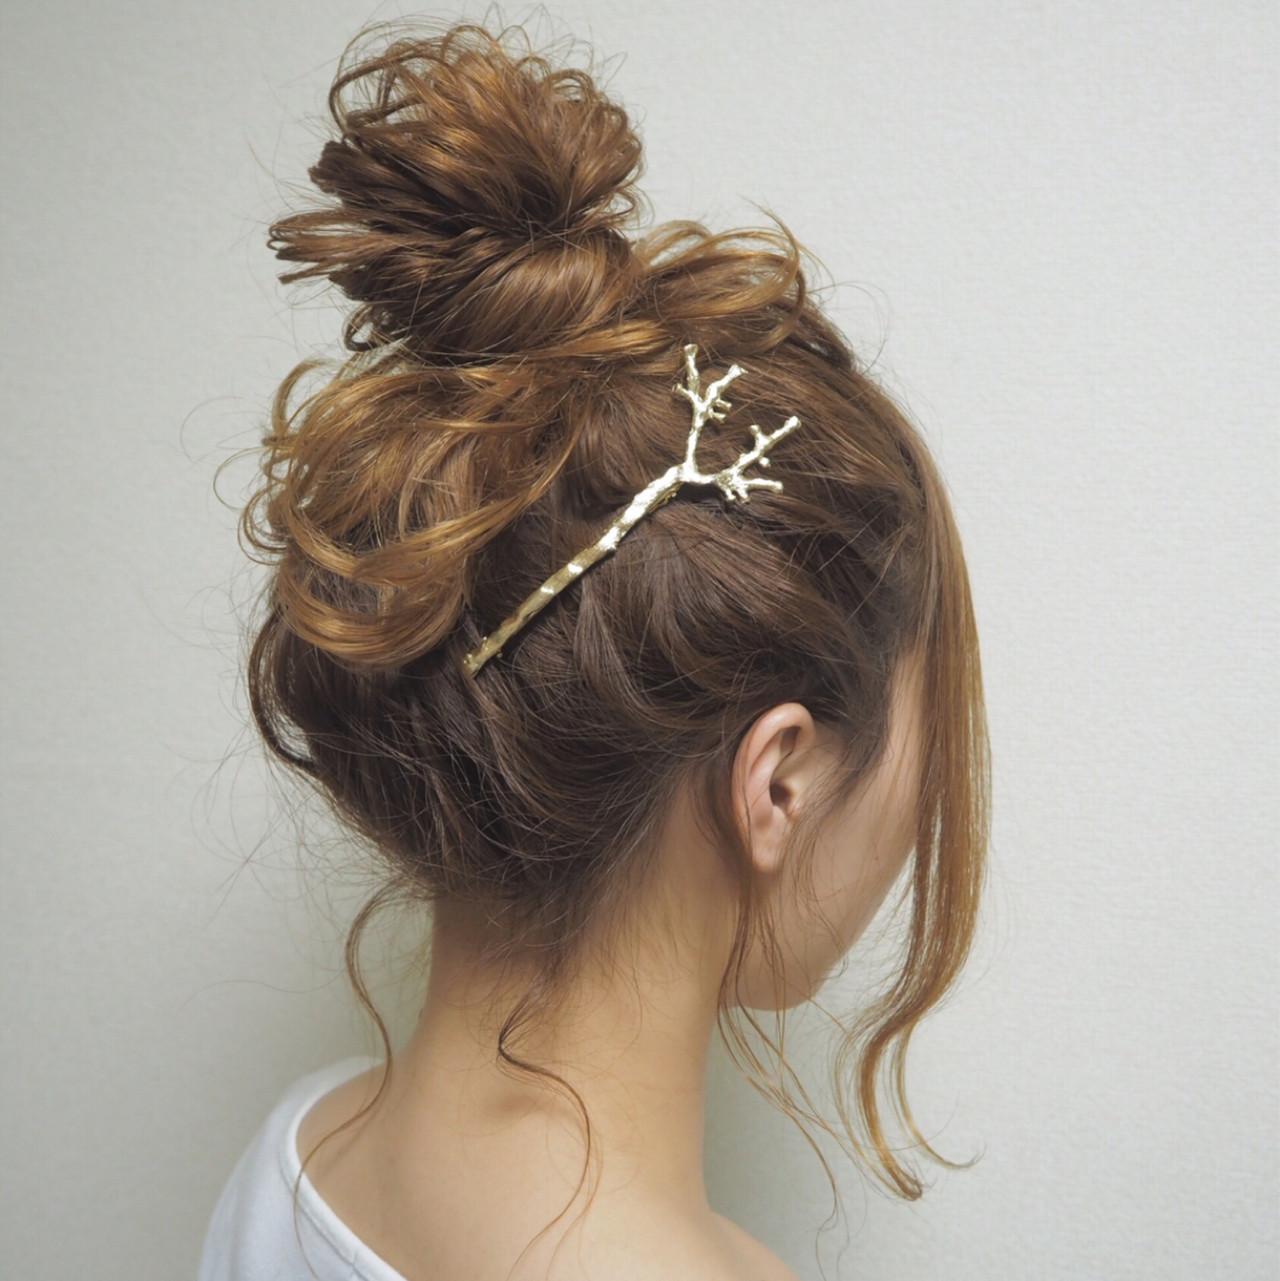 セミロング 簡単ヘアアレンジ モテ髪 ゆるふわ ヘアスタイルや髪型の写真・画像